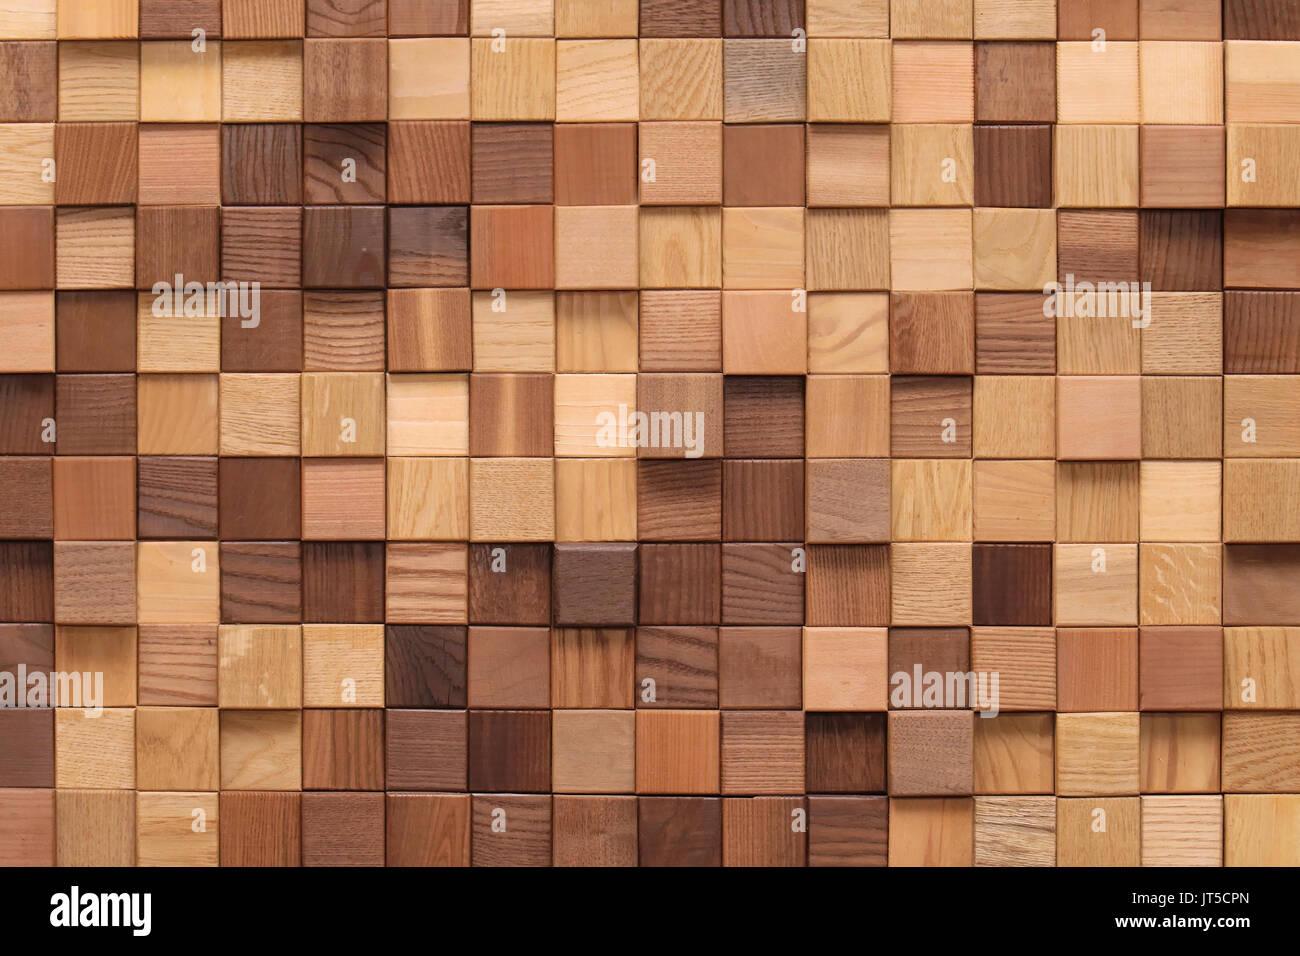 Piazza di legno texture campioni di piastrelle sfondo pattern foto